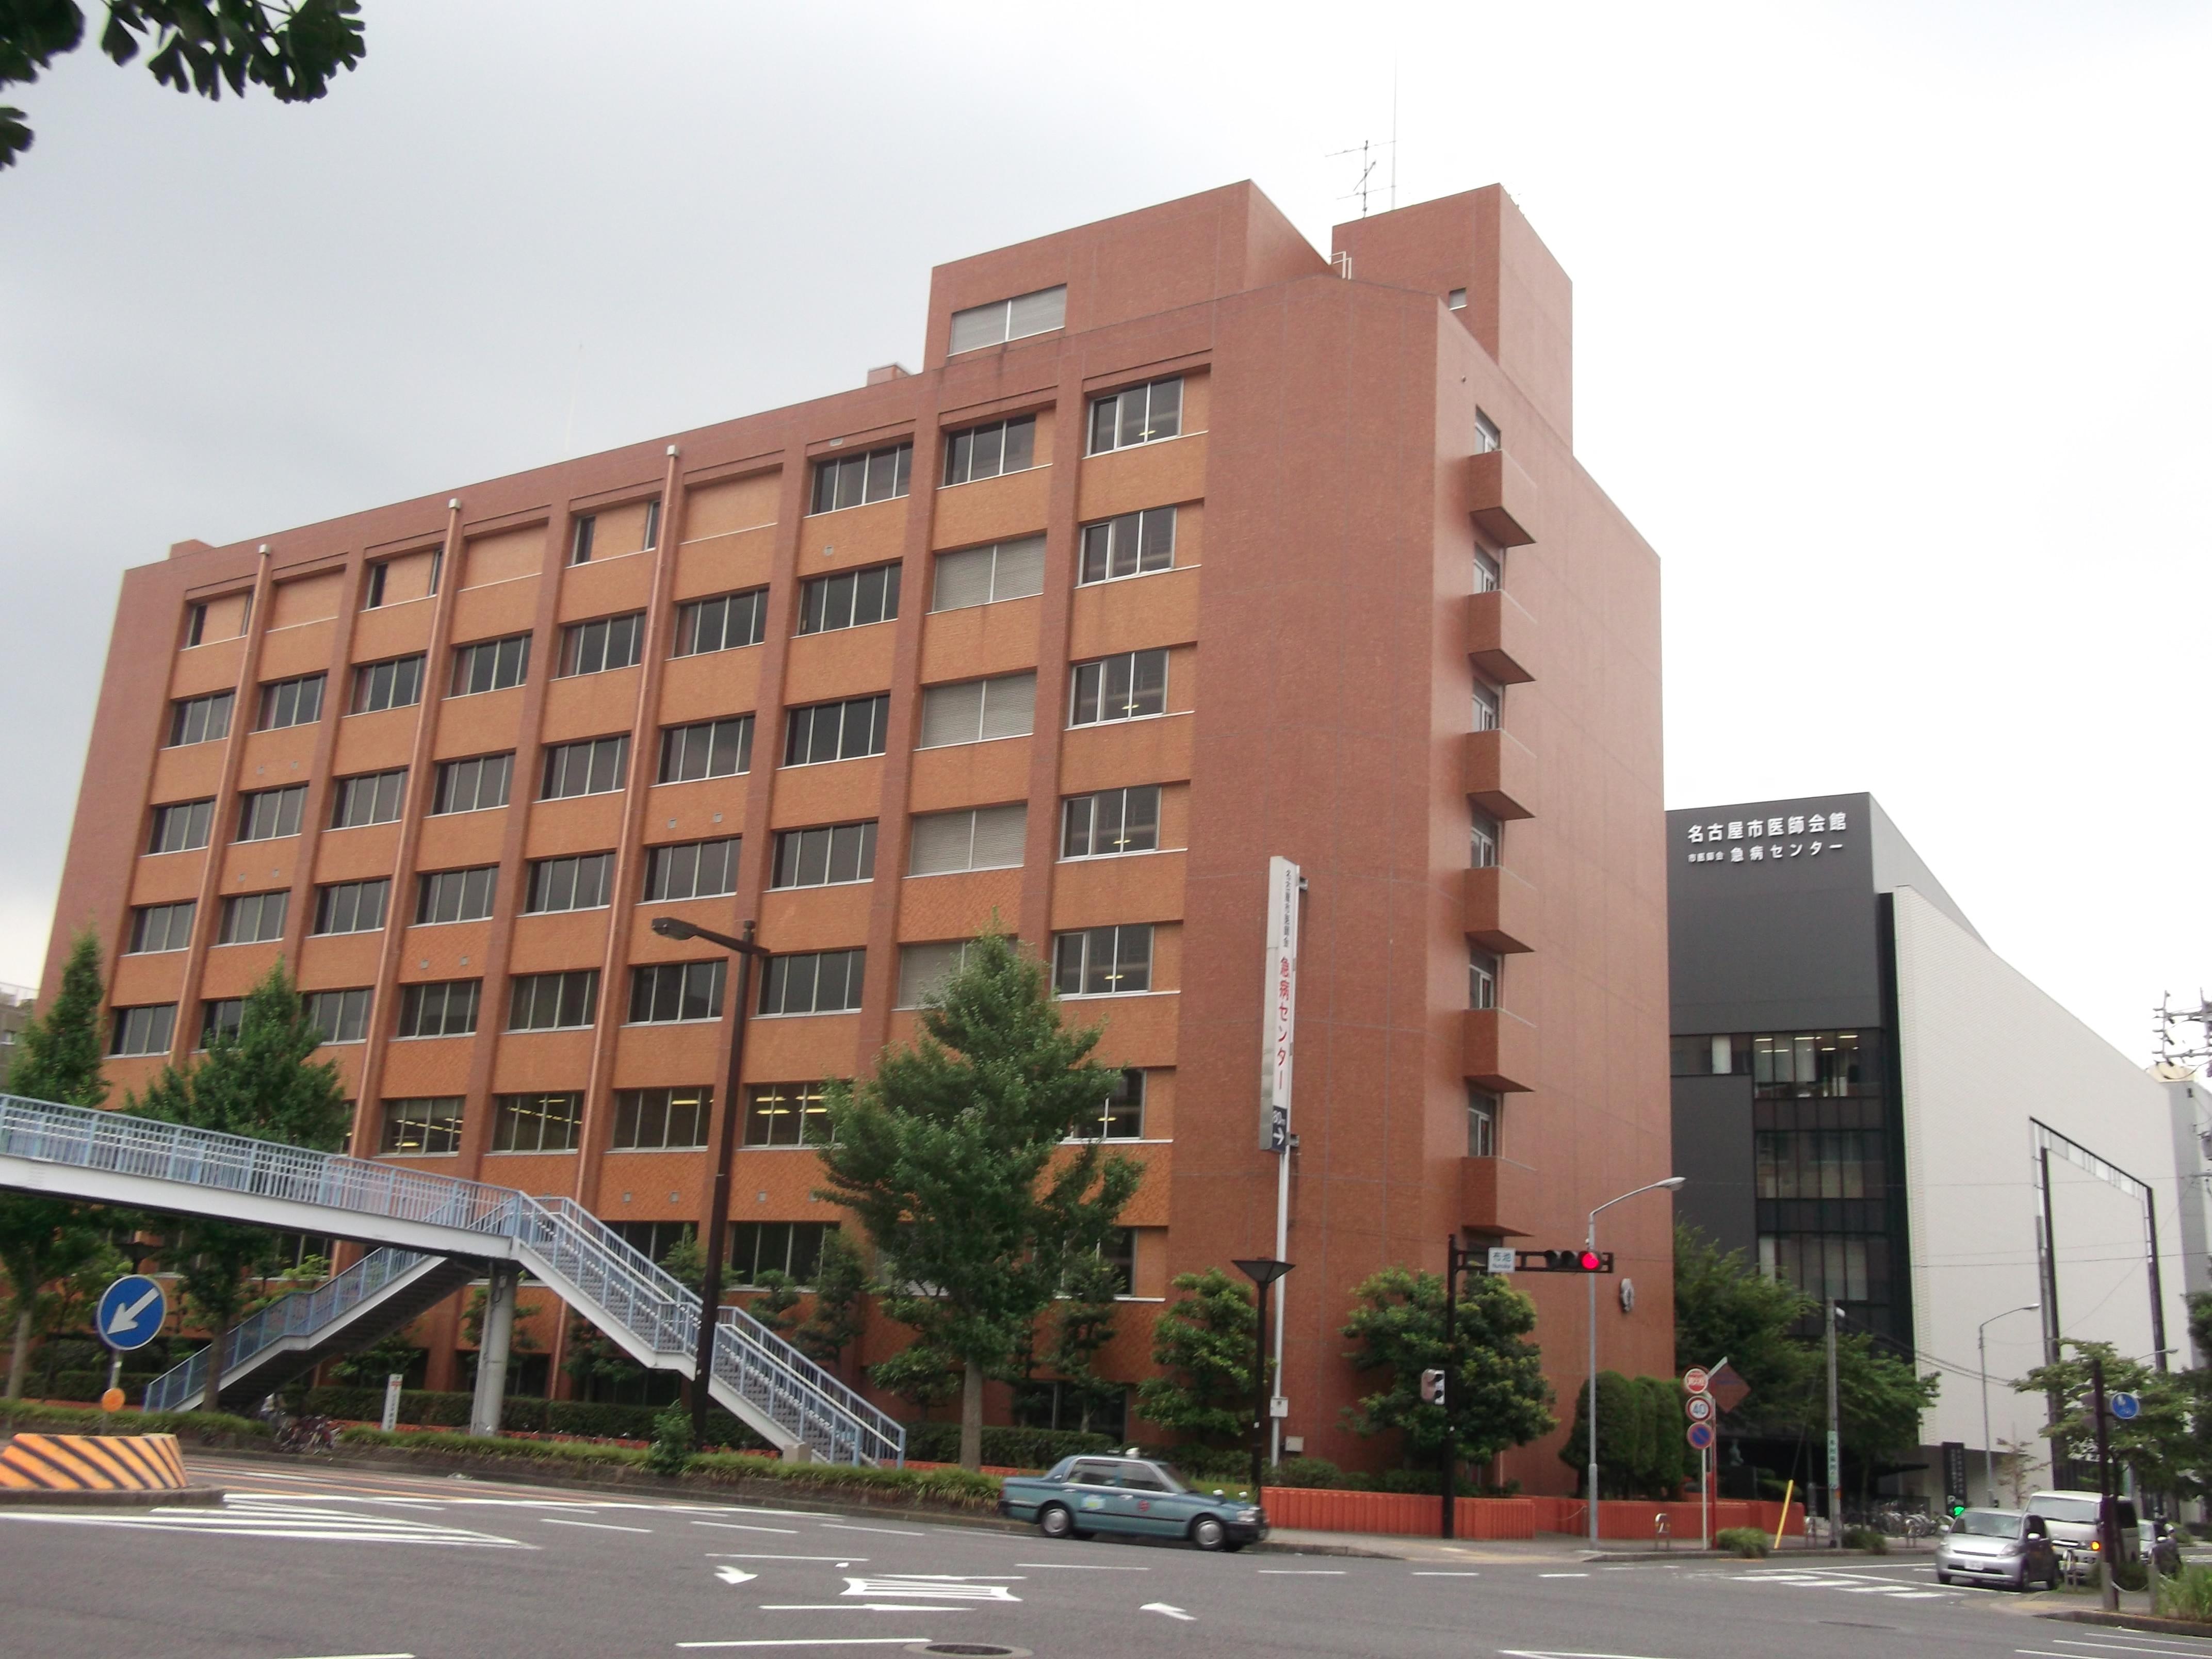 学校 中央 専門 市立 名古屋 看護